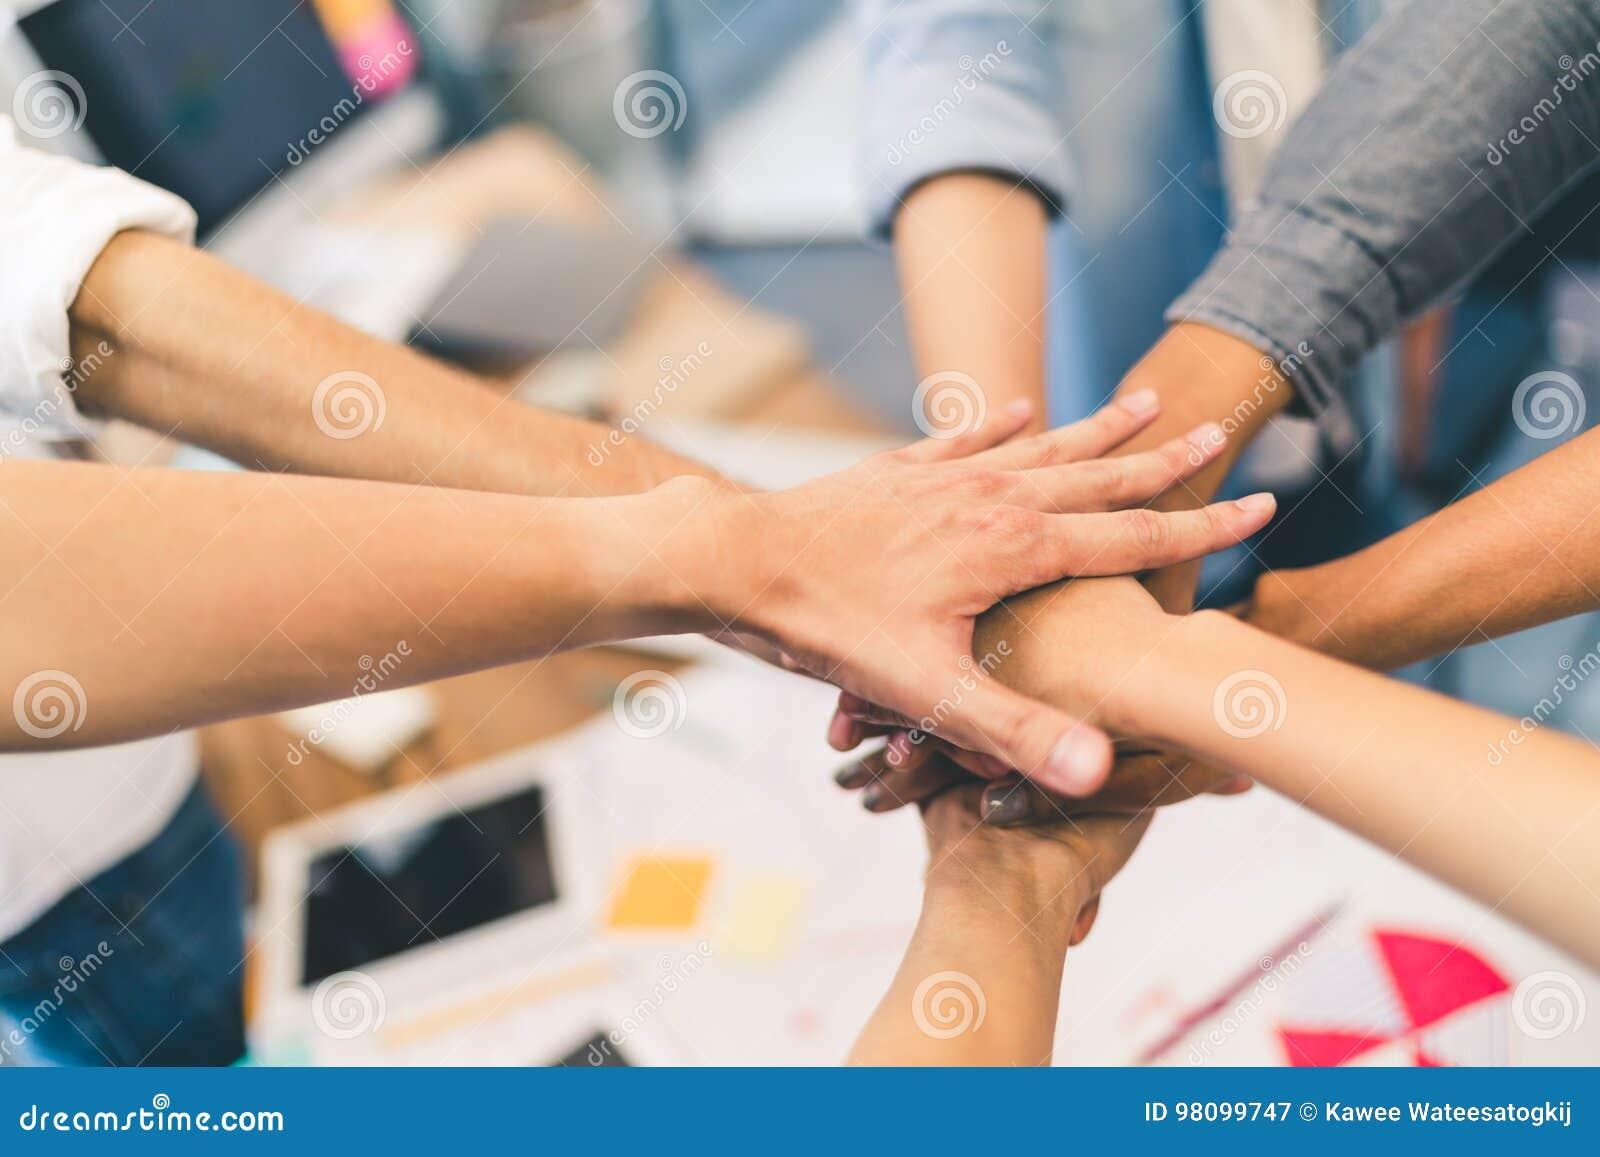 Socios comerciales trabajo en equipo o concepto de la amistad El grupo diverso multiétnico de colegas se une a las manos juntas